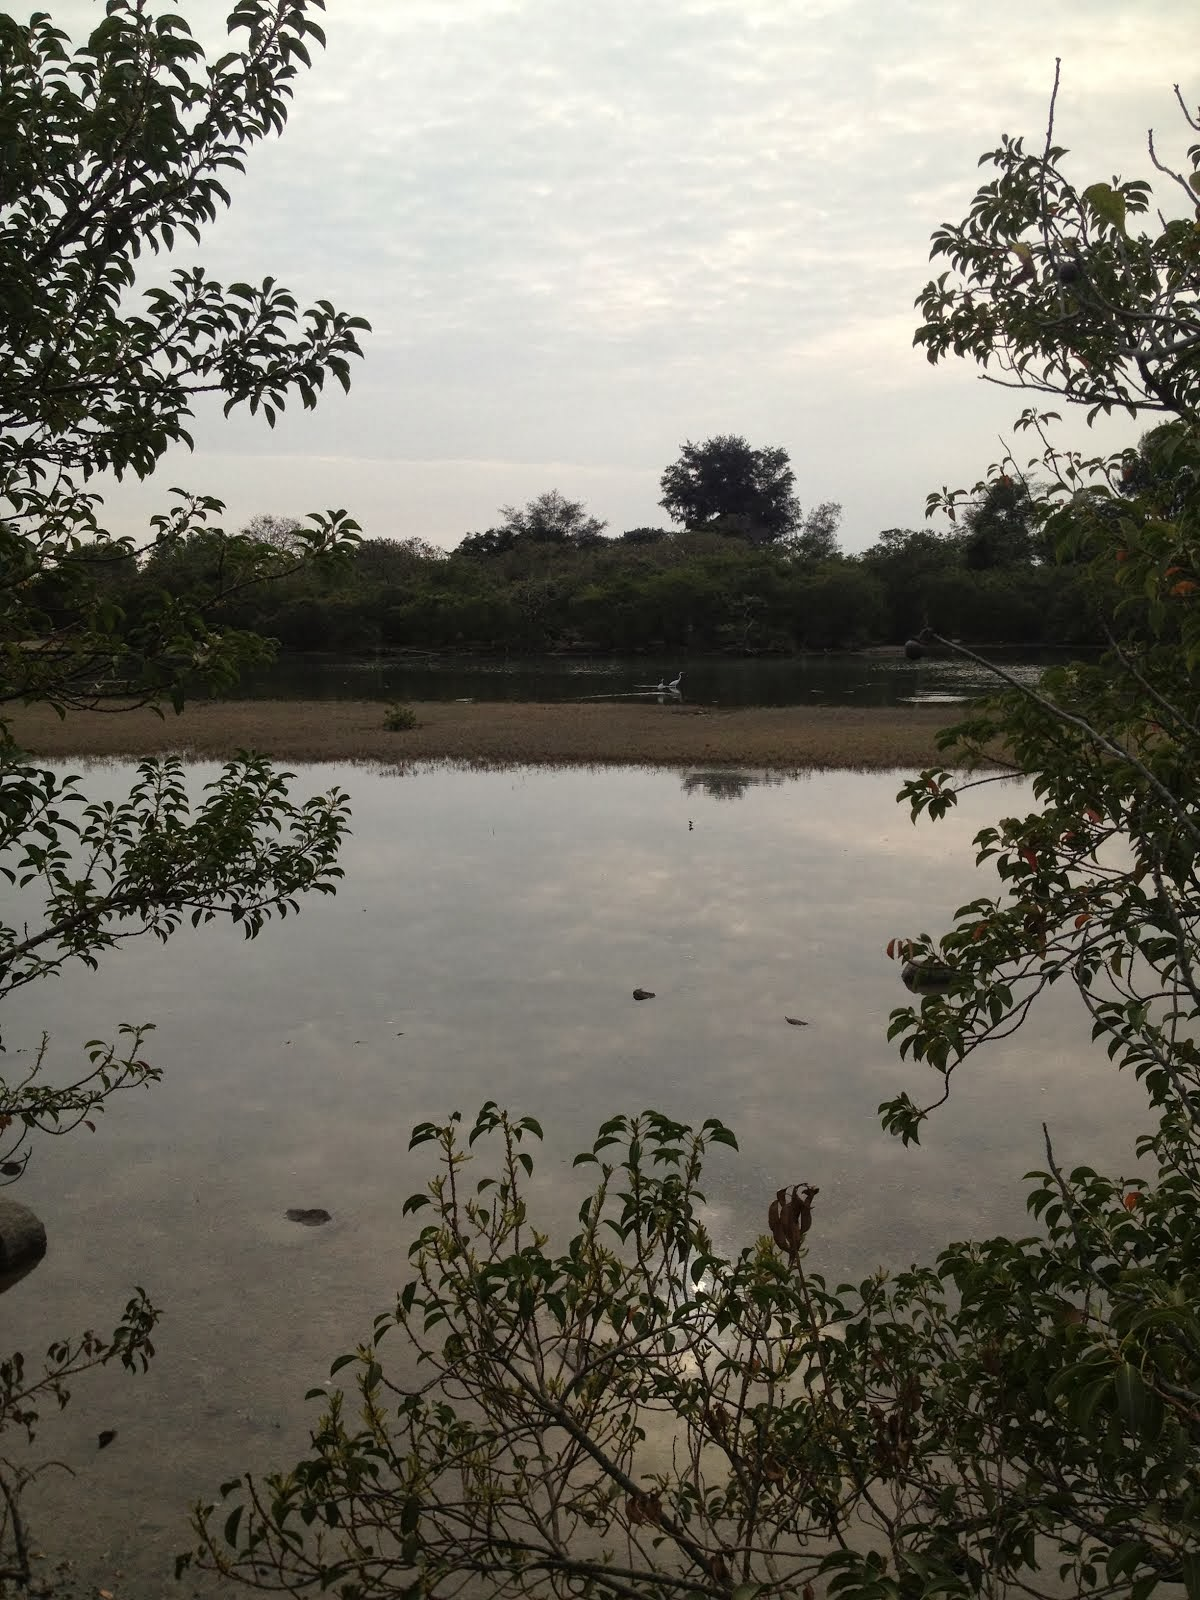 Pui O near Ham Tin